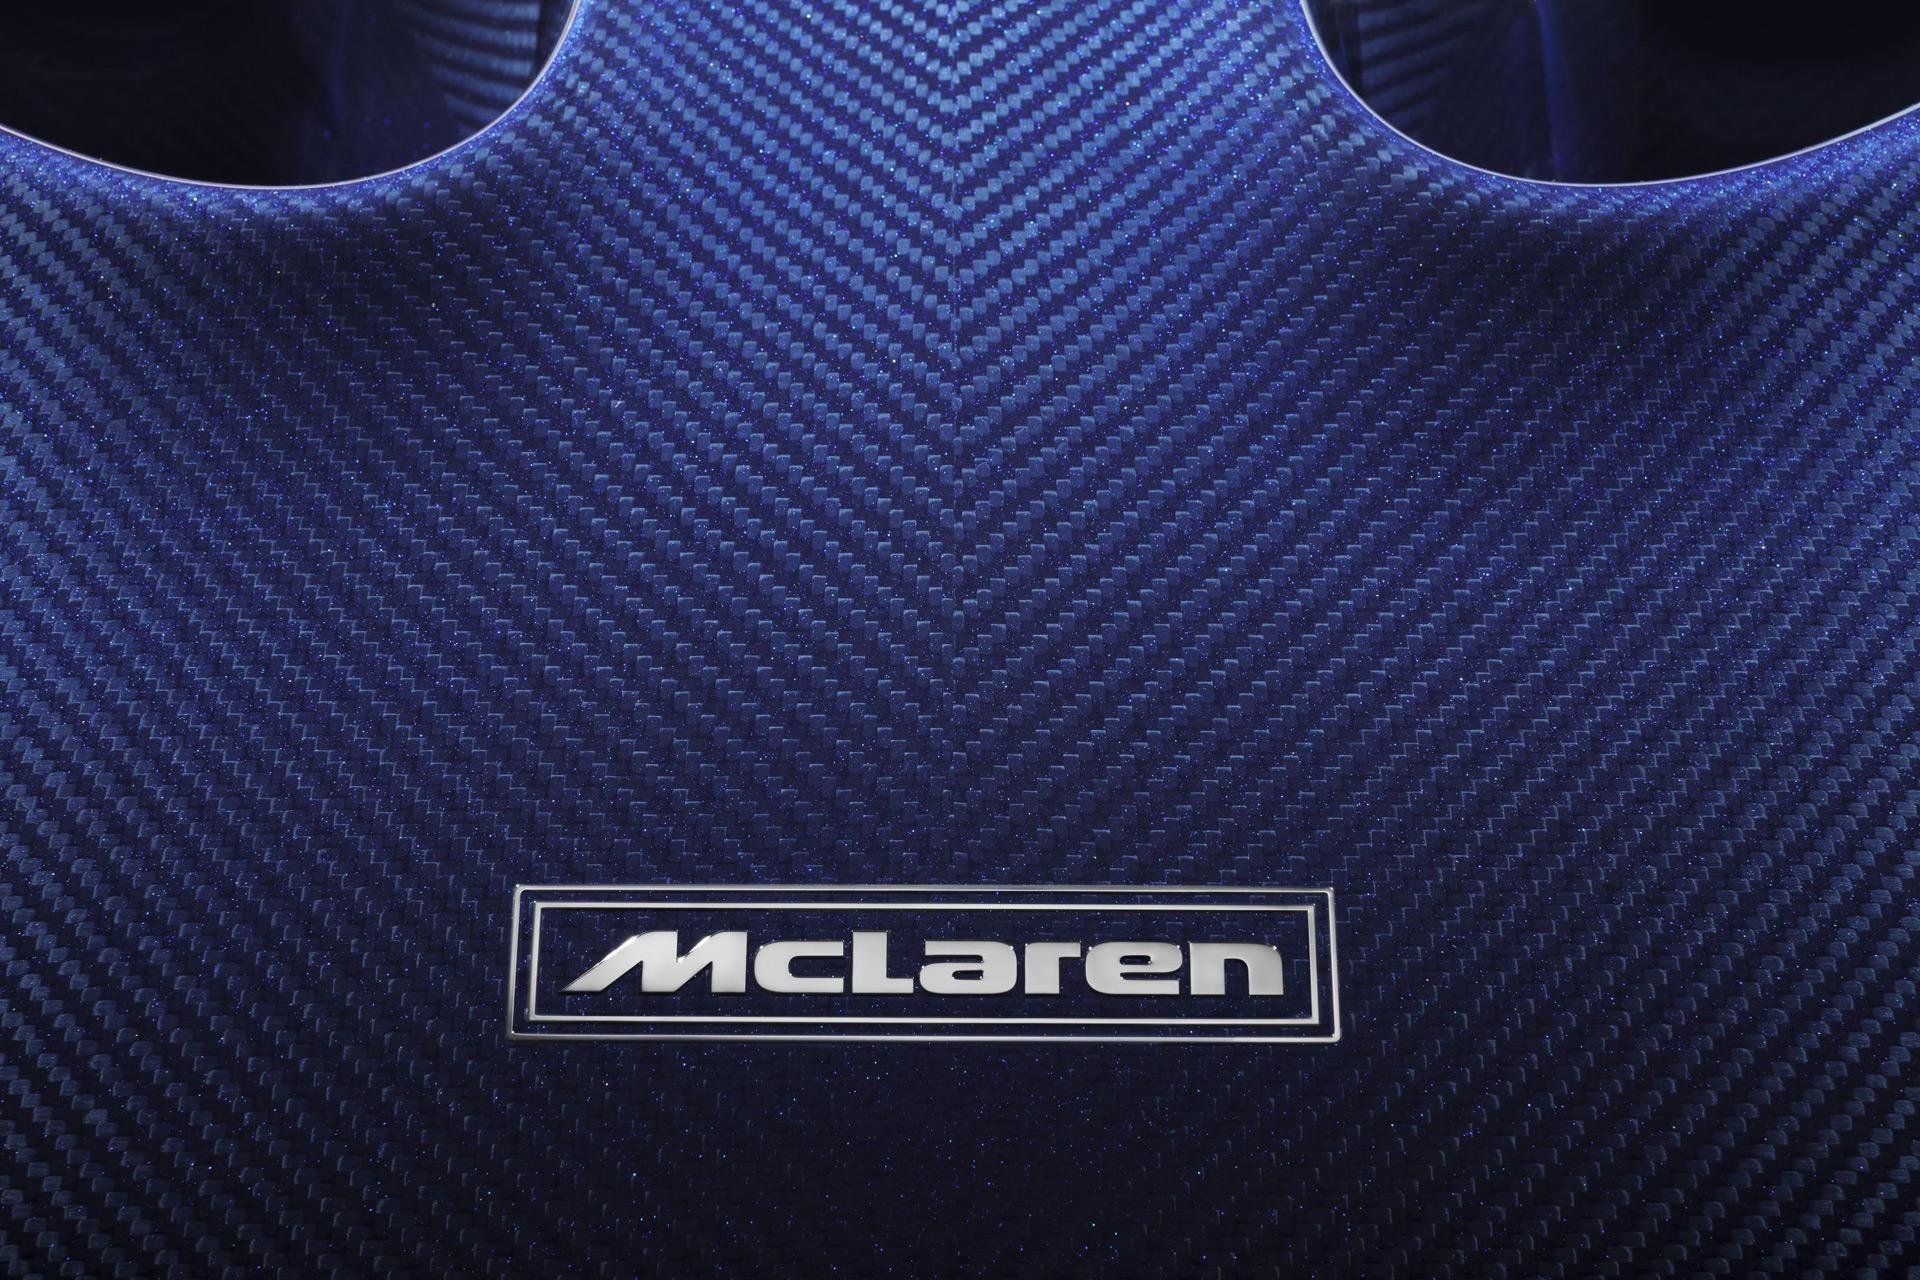 Report: McLaren readying 900-plus horsepower hybrid V-8 for F1 successor, hybrid V-6